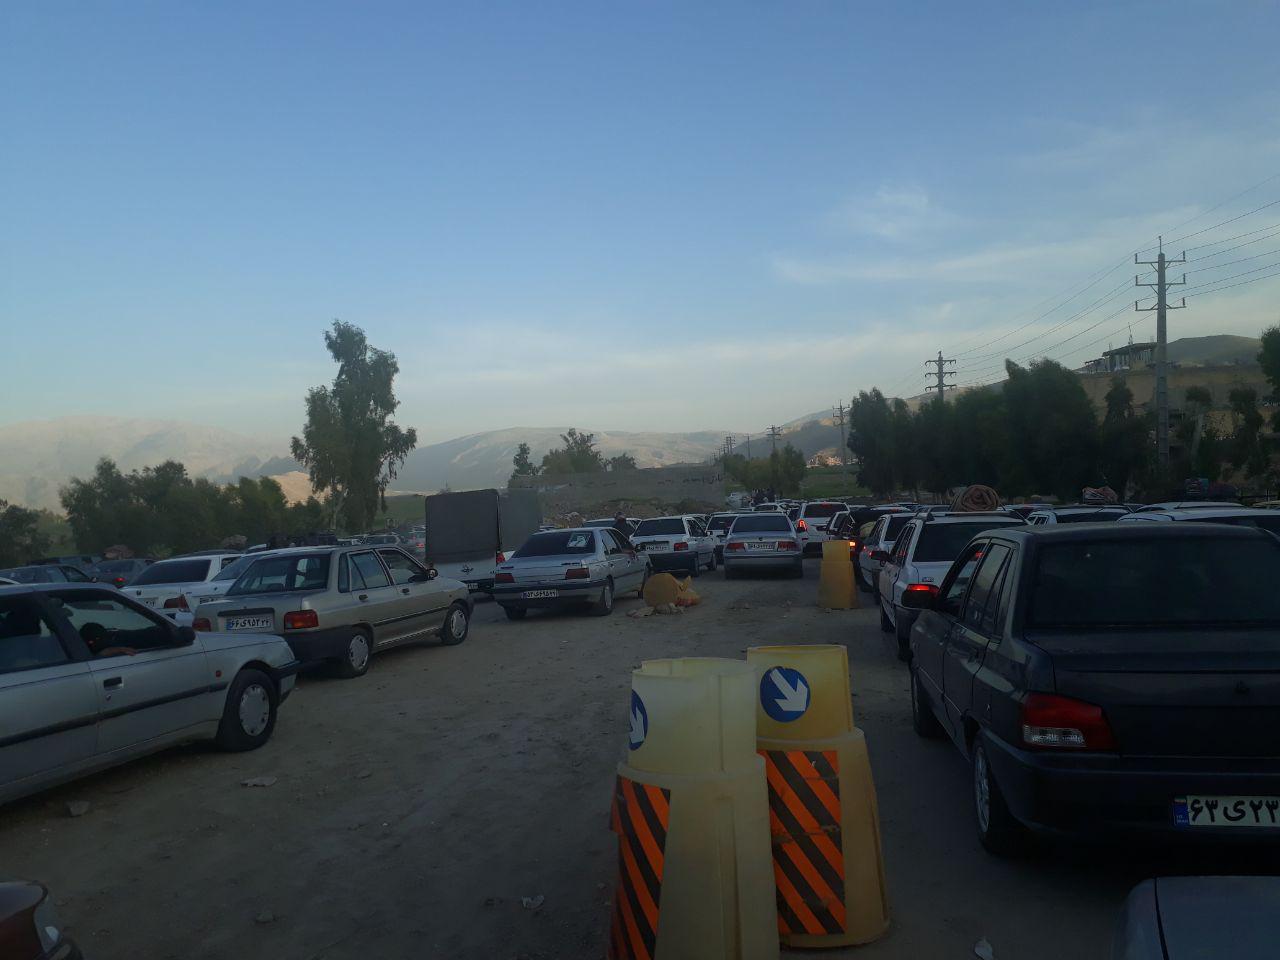 ترافیک شدید در ورودیهای شهر ایذه/ترافیک روان در محورهای ایذه – اهواز و ایذه – شهرکرد